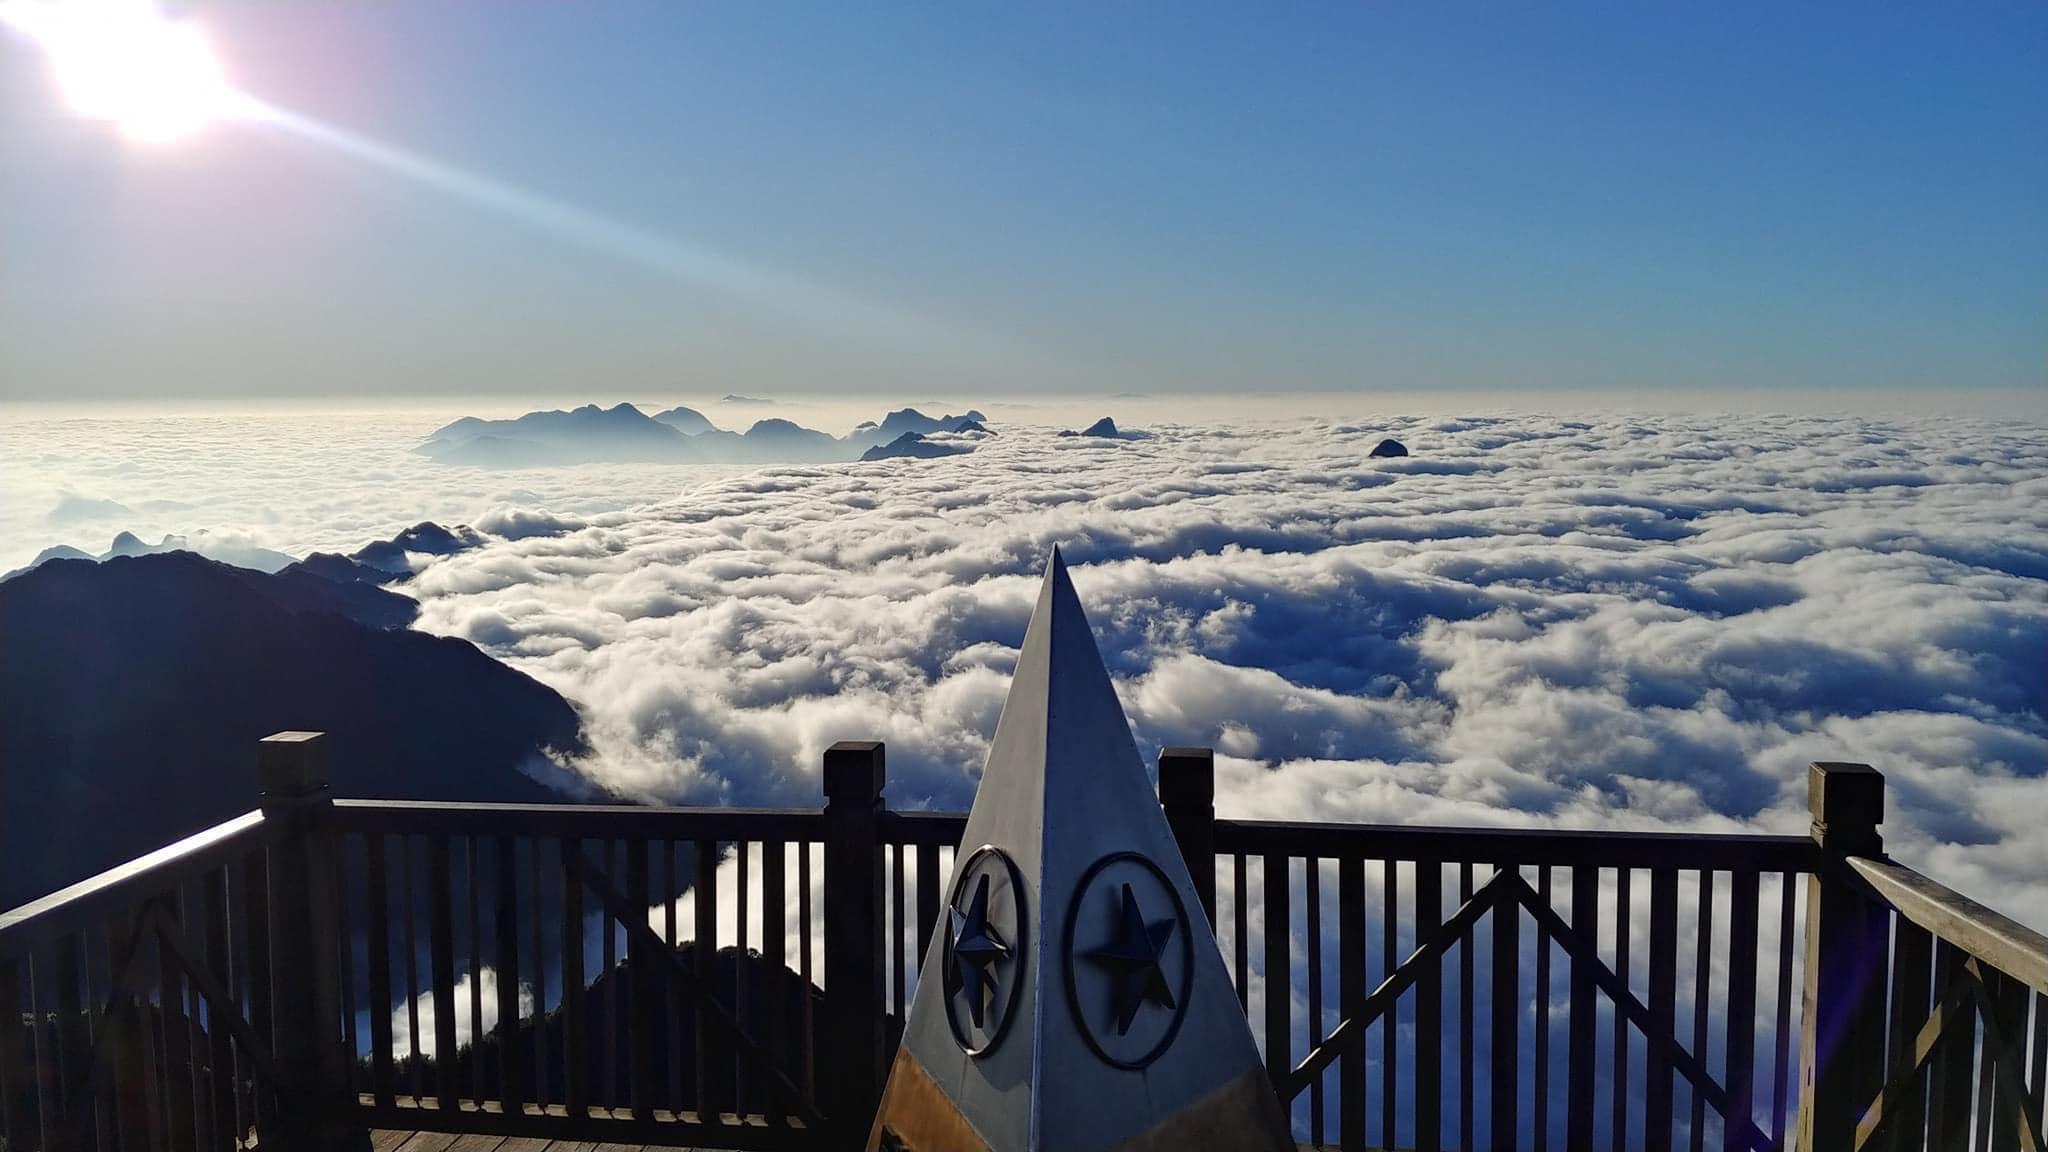 Kinh nghiệm du lịch Sapa tháng 10 - Mùa săn mây bắt đầu